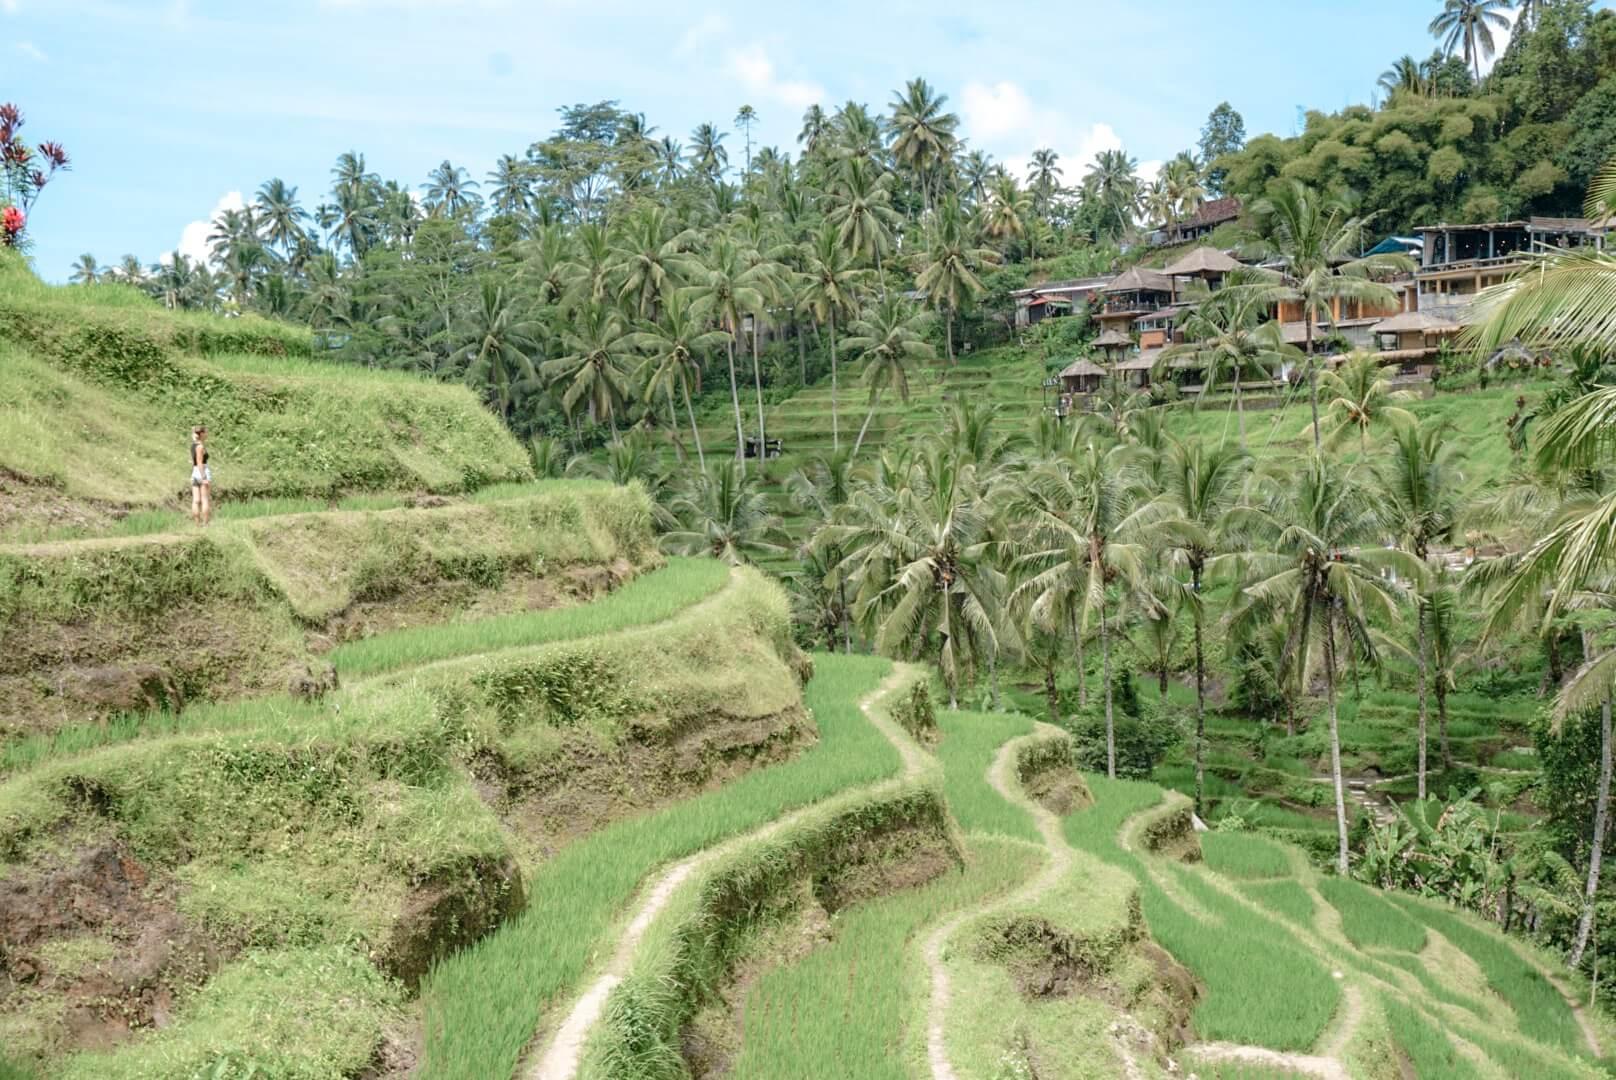 Comment se rendre dans le rizières de Tegalalang depuis Ubud